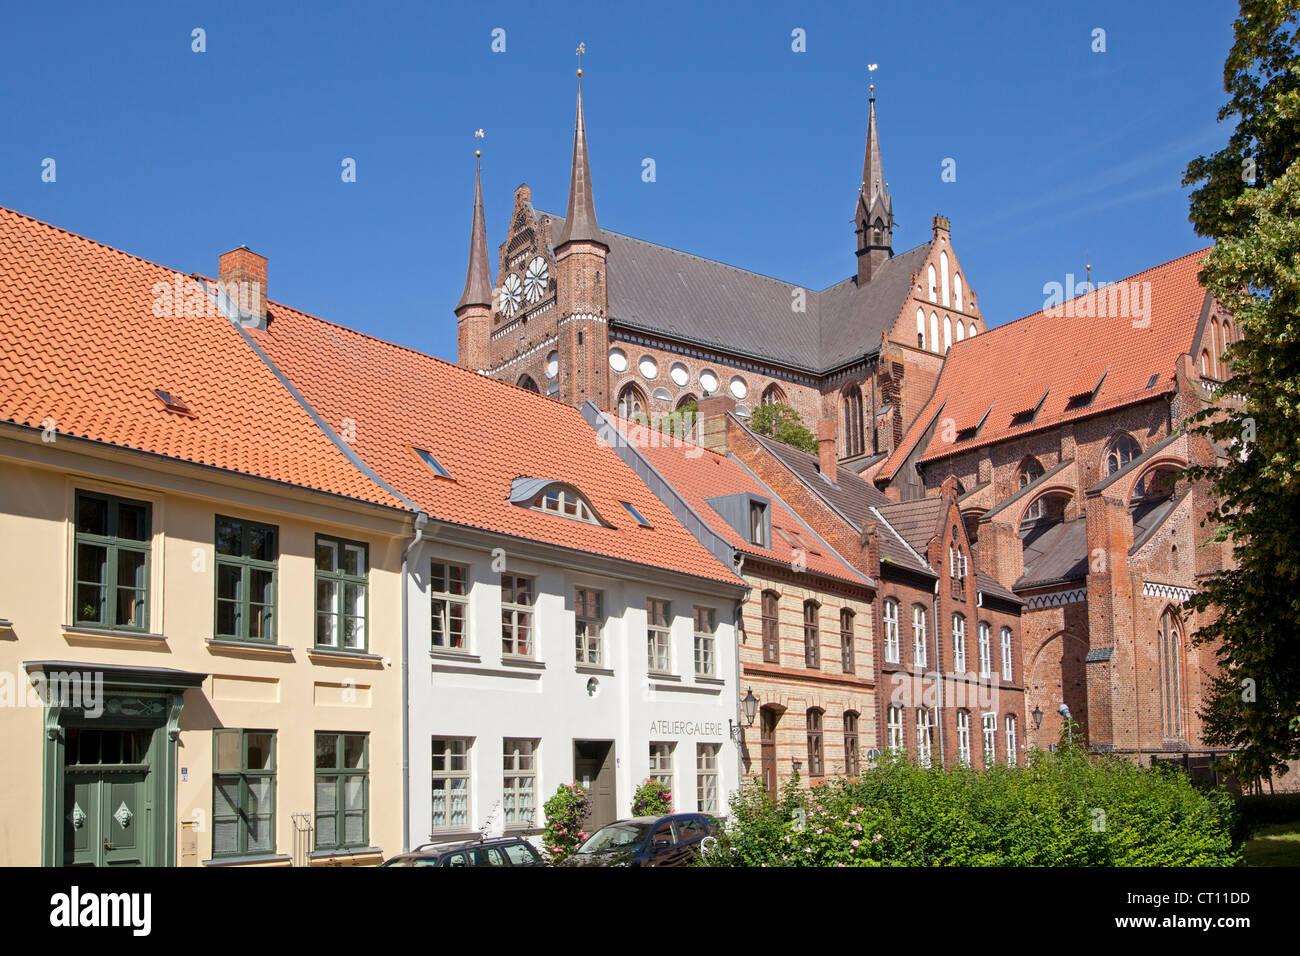 Georgen Church, Wismar, Mecklenburg-West Pomerania, Germany - Stock Image